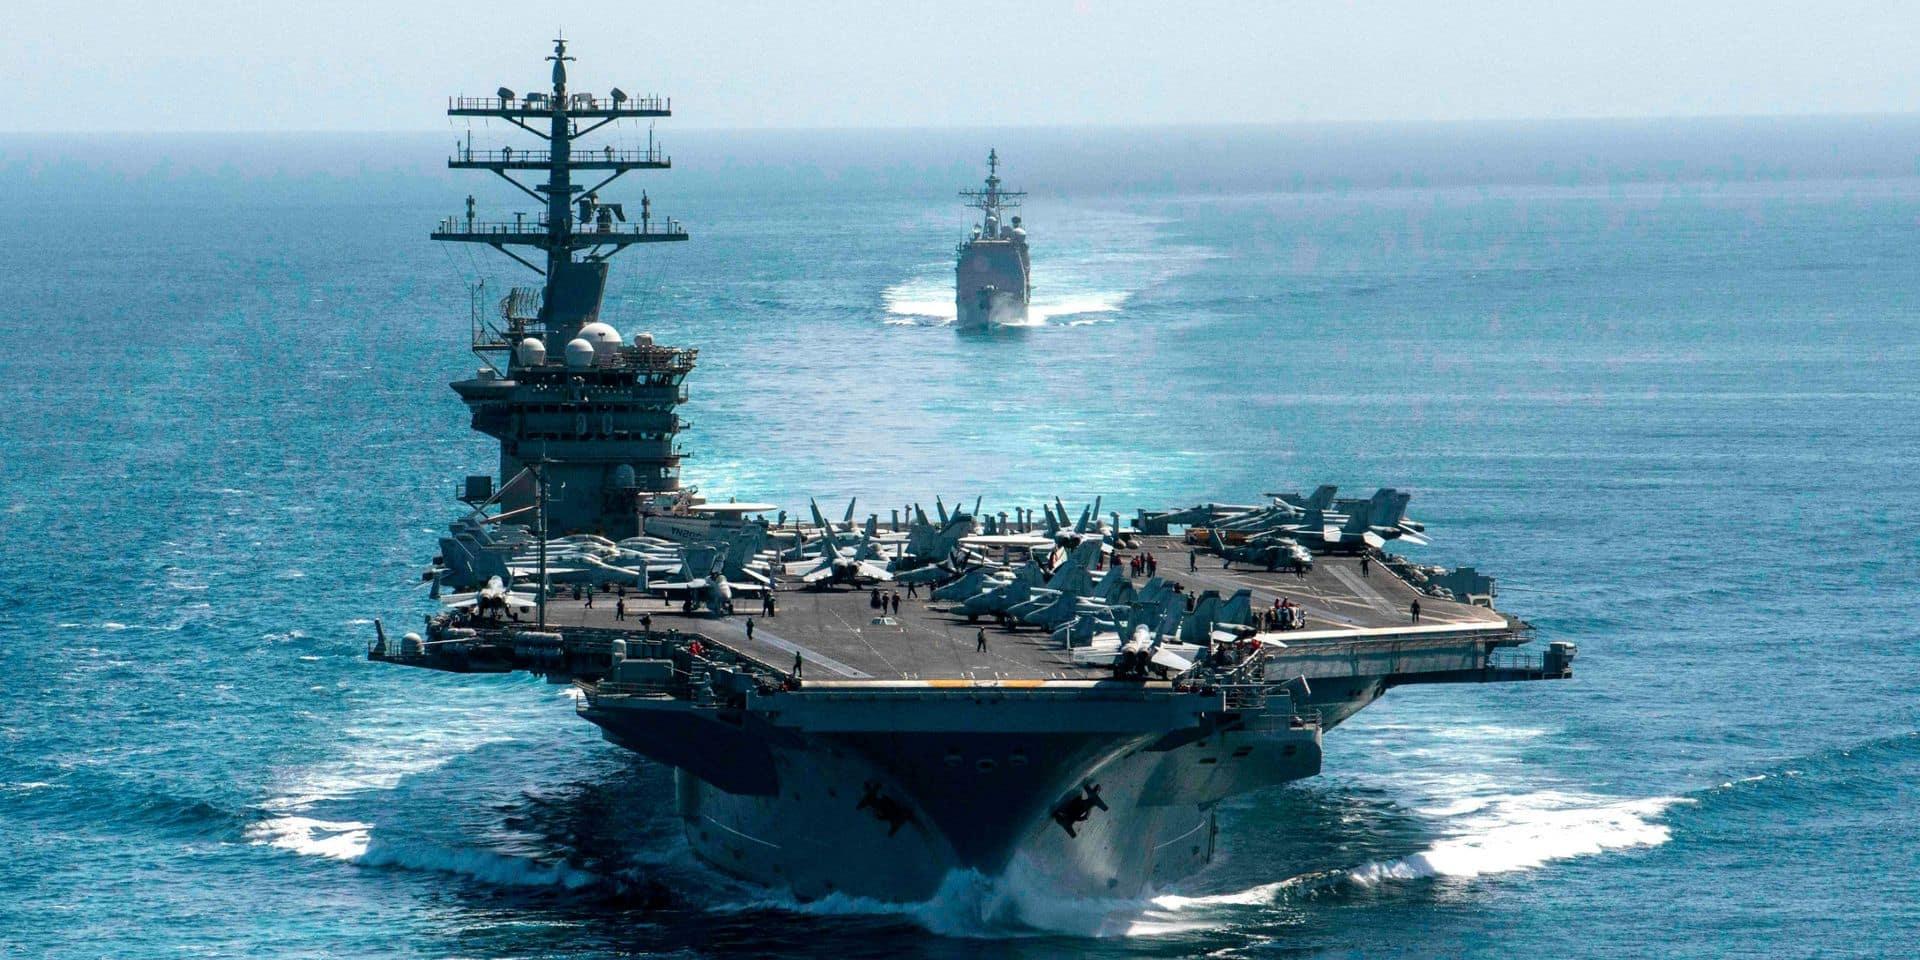 L'US Navy n'est plus la plus grande flotte du monde : un autre pays est passé en tête